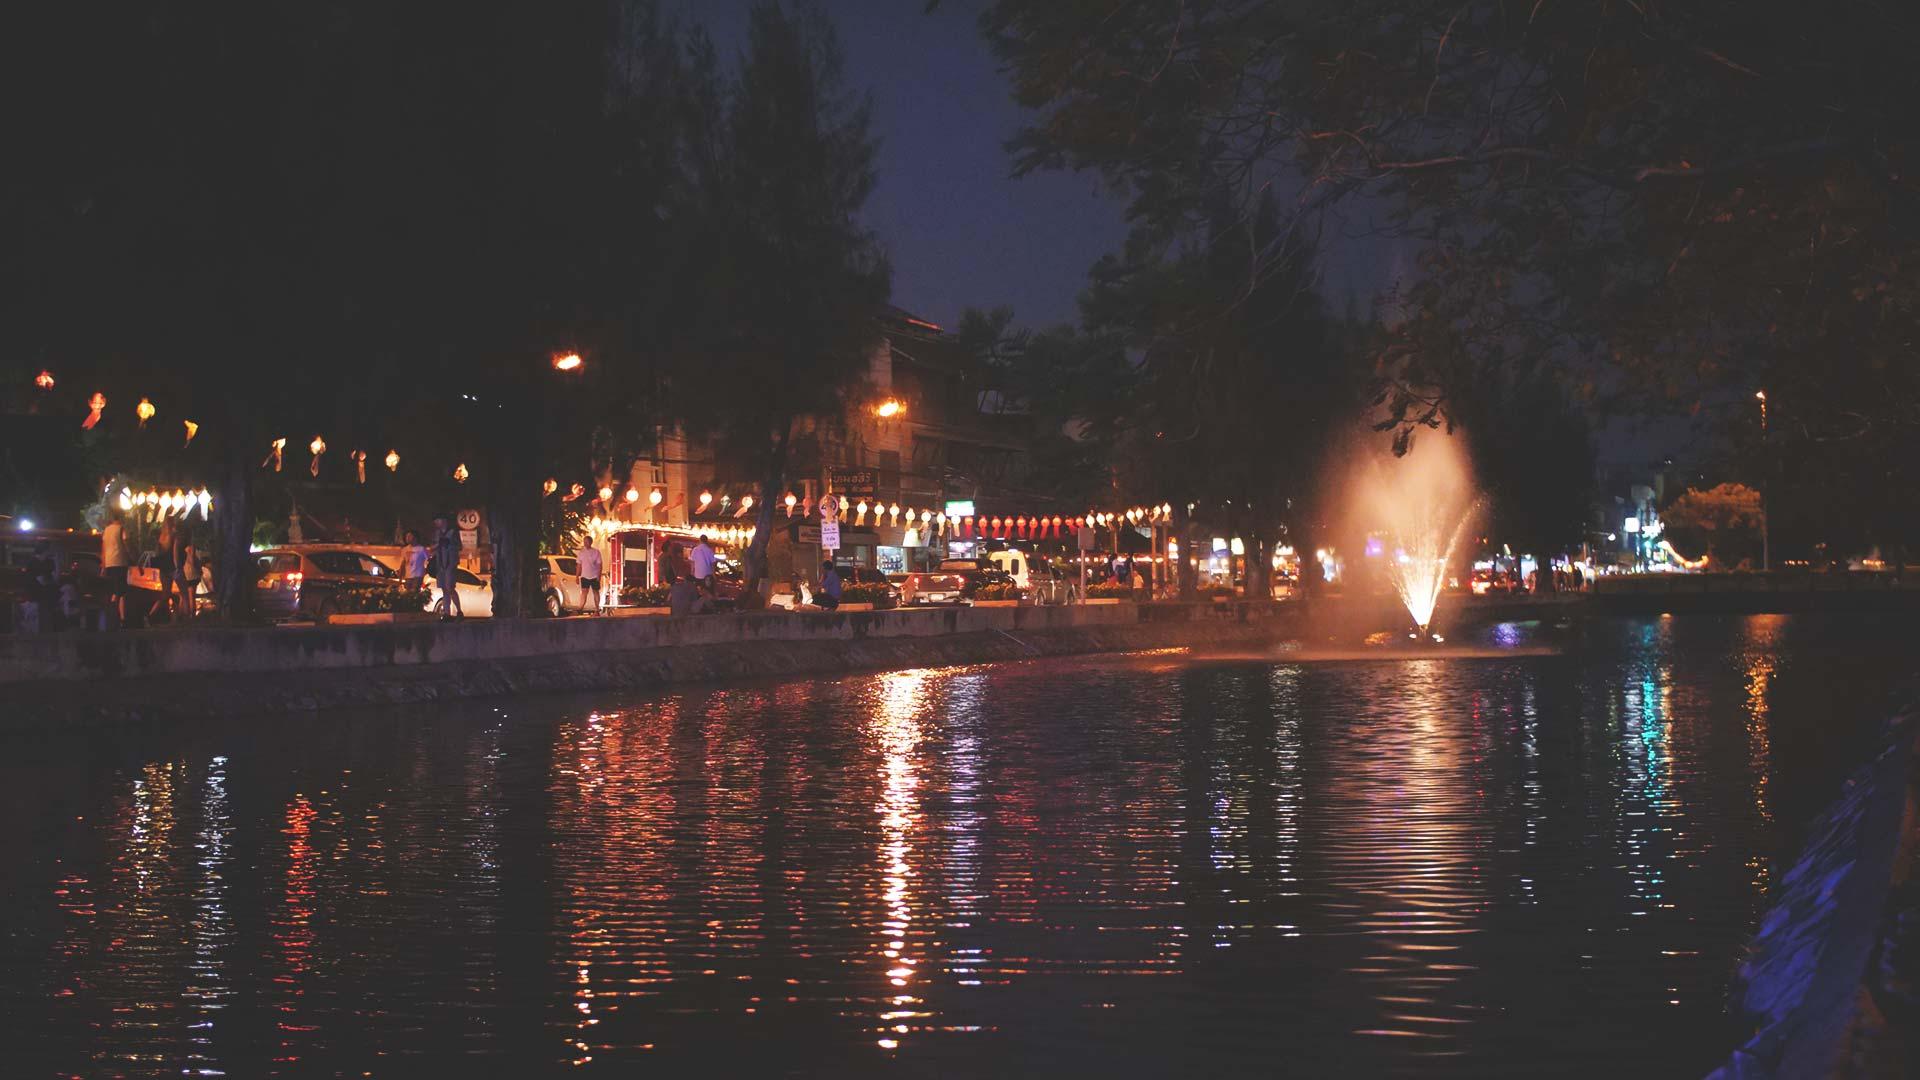 Loy Krathong Festival - Schöne Reflektionen und Wasser-Fontäne in Chiang Mai